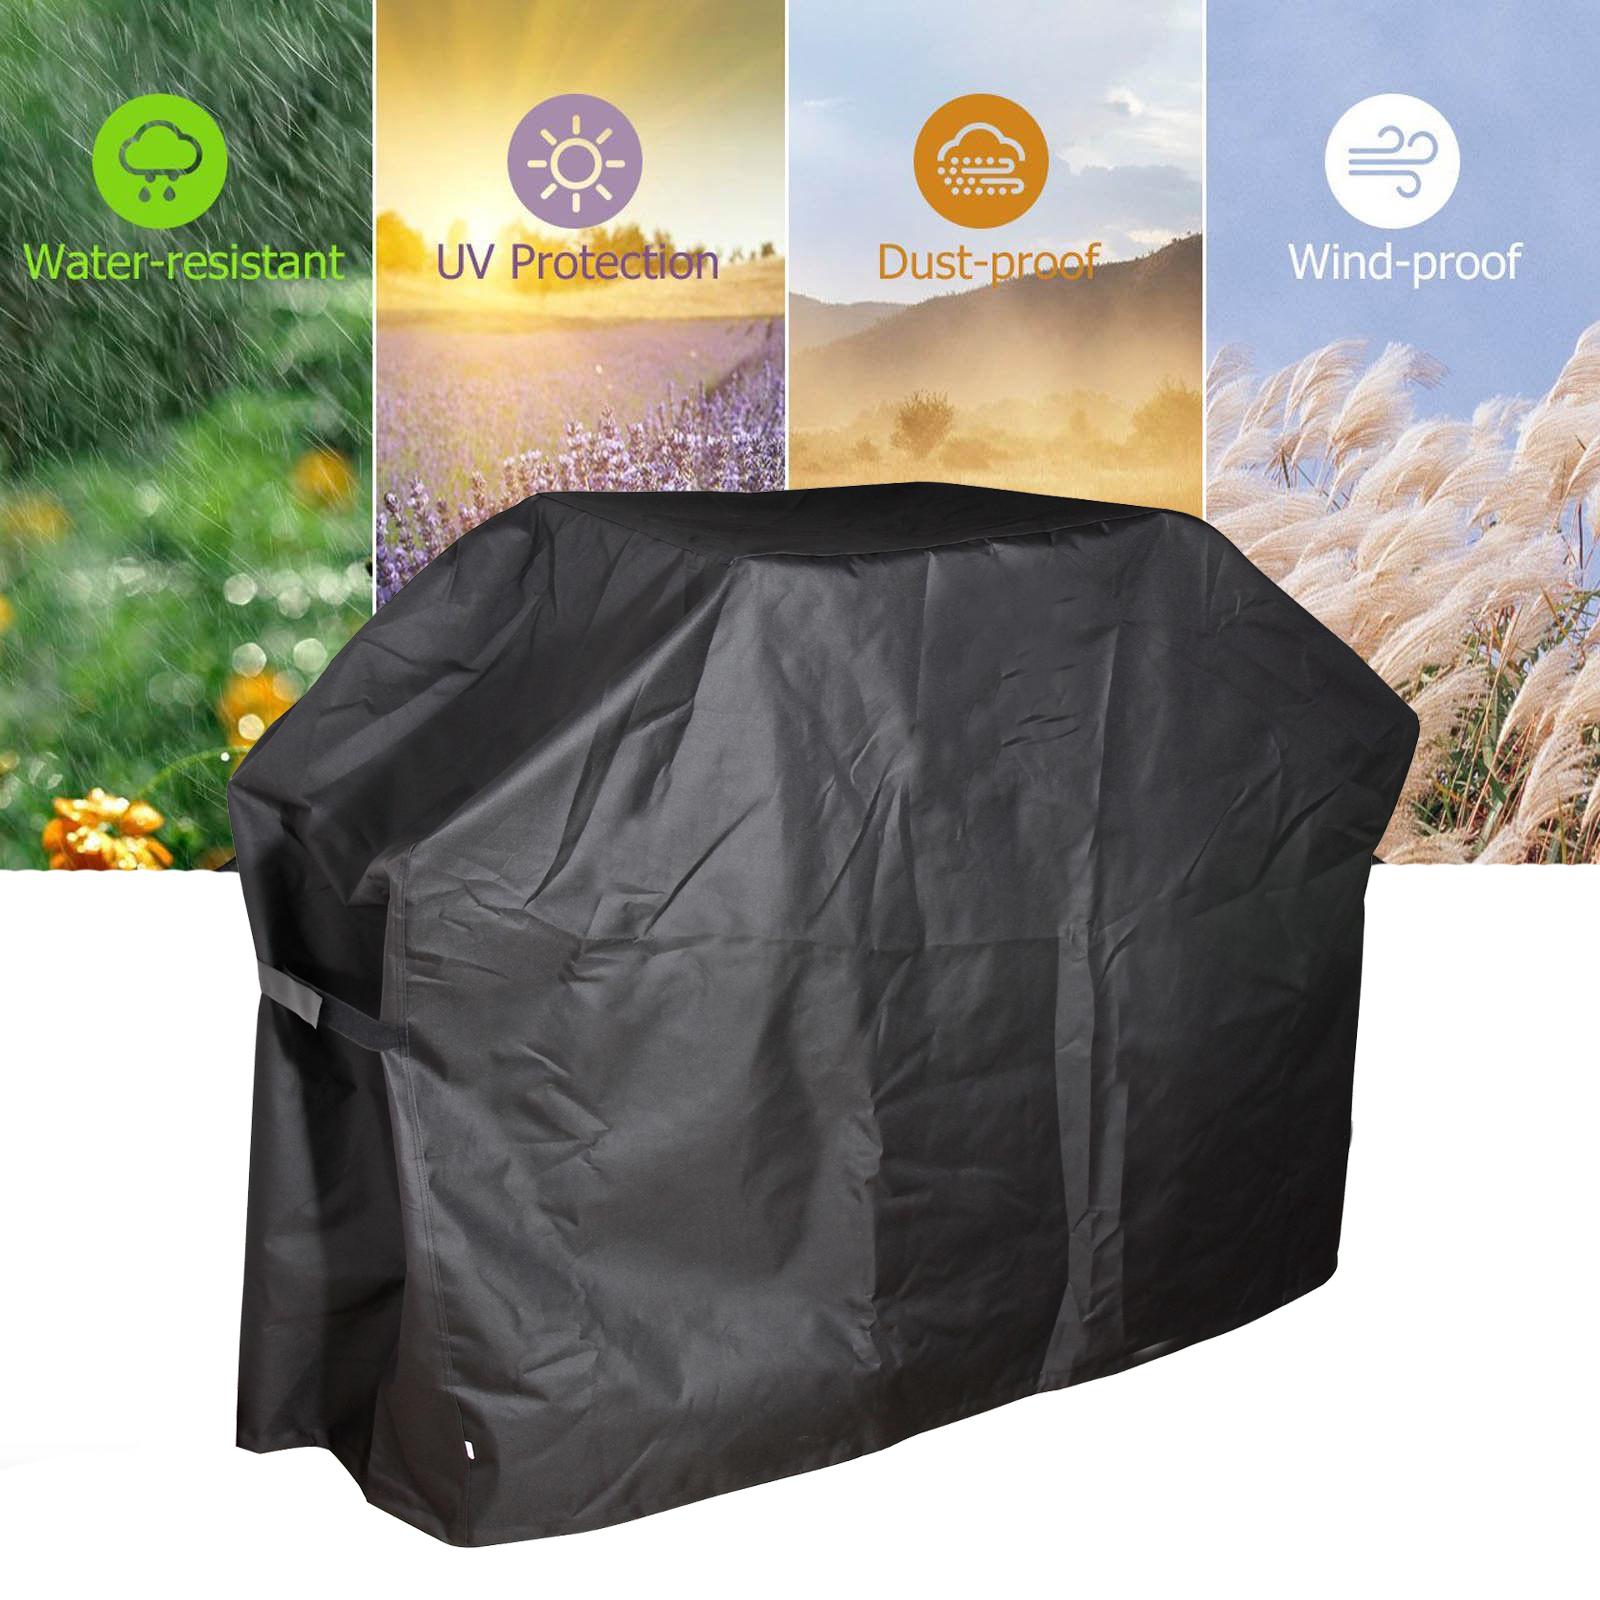 Détails sur Barbecue Grill Cover Barbecue pluie Grill Cover pour Weber Spirit 200 300 Series afficher le titre d'origine